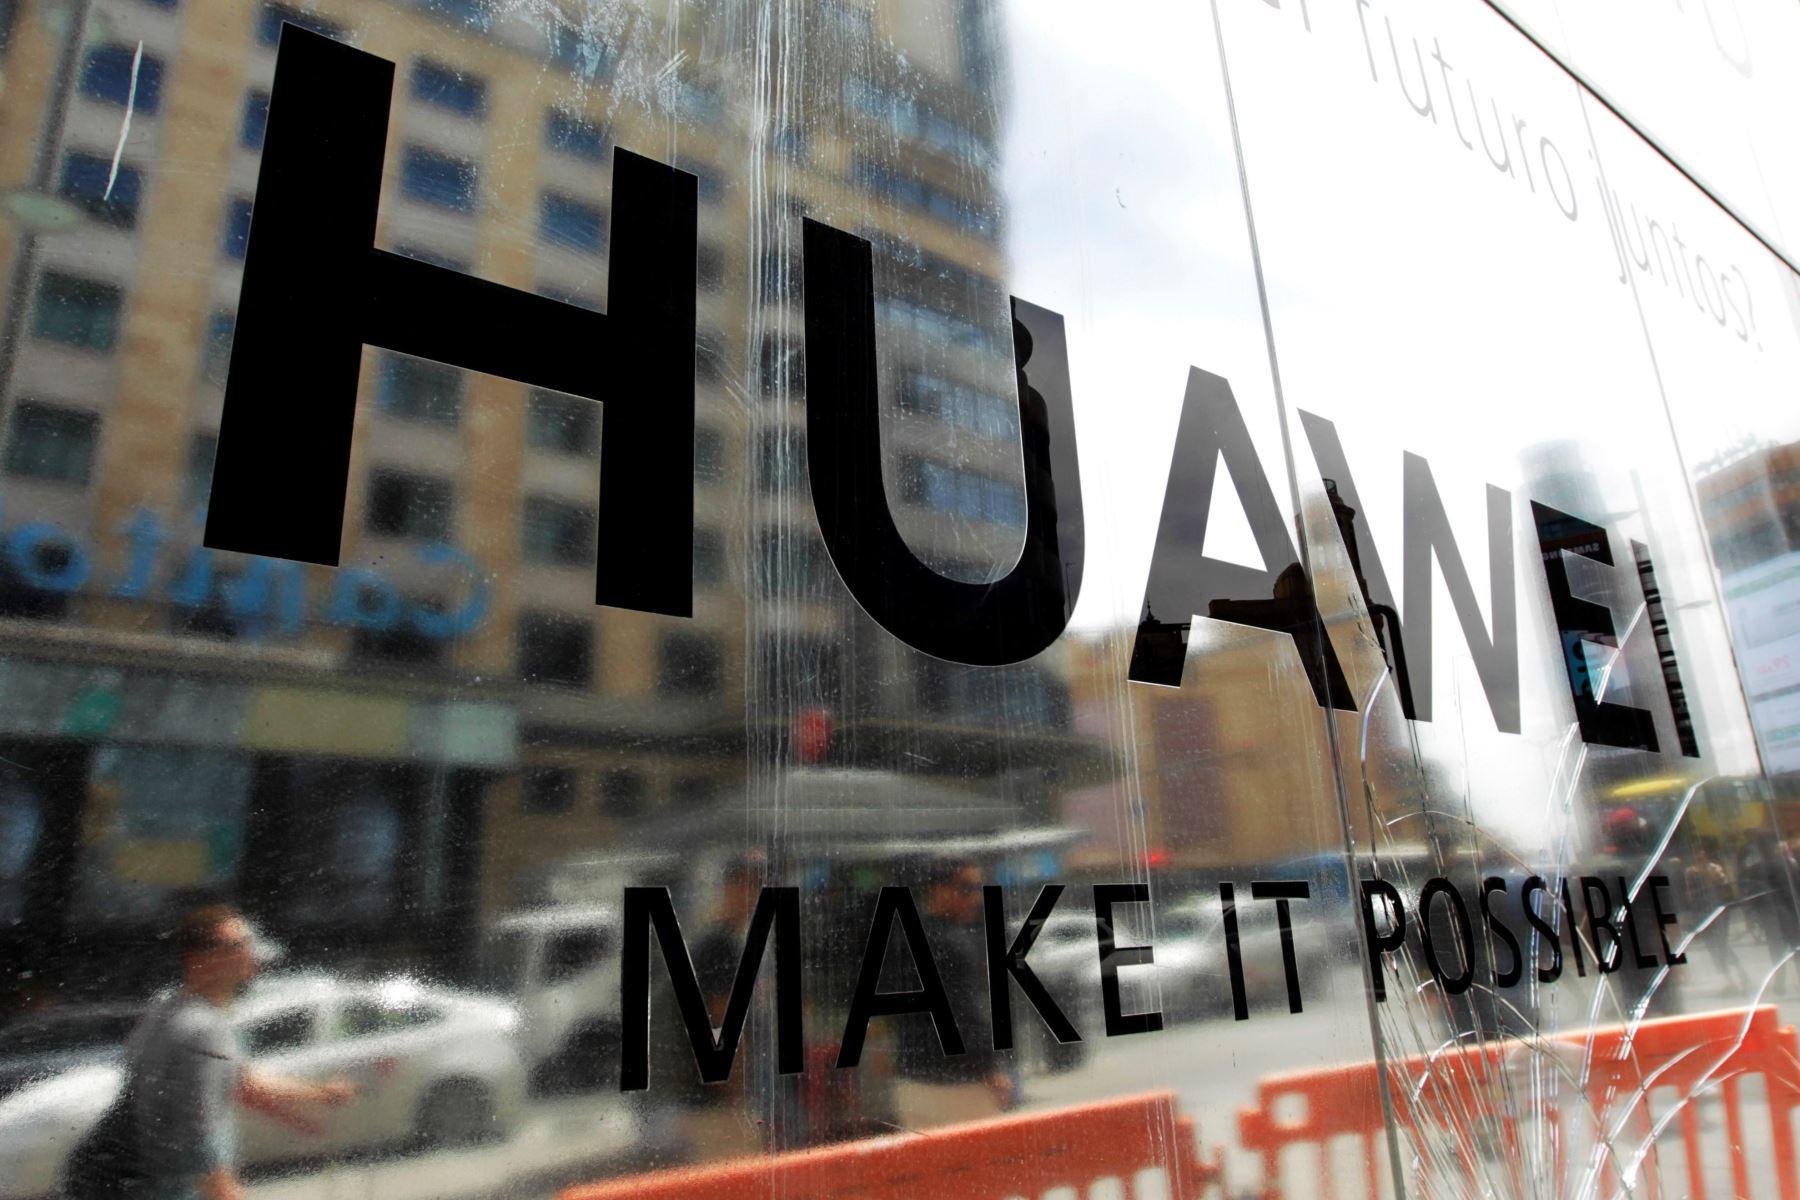 MADRID,La empresa Huawei mantiene el lanzamiento de su primer móvil con pantalla plegable, el Huawei Mate X, para junio, pese al anuncio de Google y otras tecnológicas estadounidenses de dejar de vender componentes y software al gigante chino. Foto: EFE